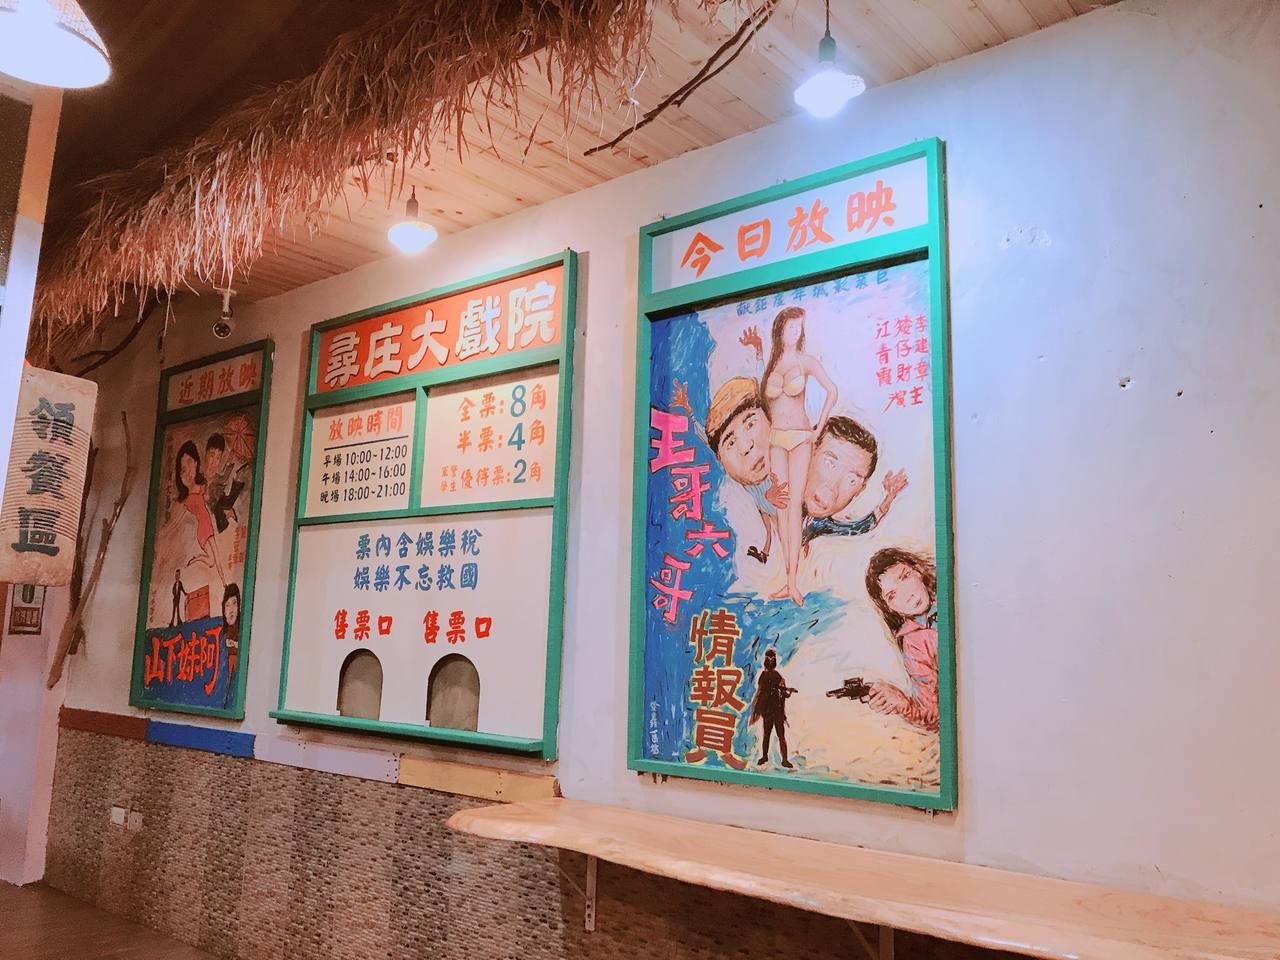 「尋庄懷舊冰店」 走復古文青風。圖/尋庄懷舊冰店 提供